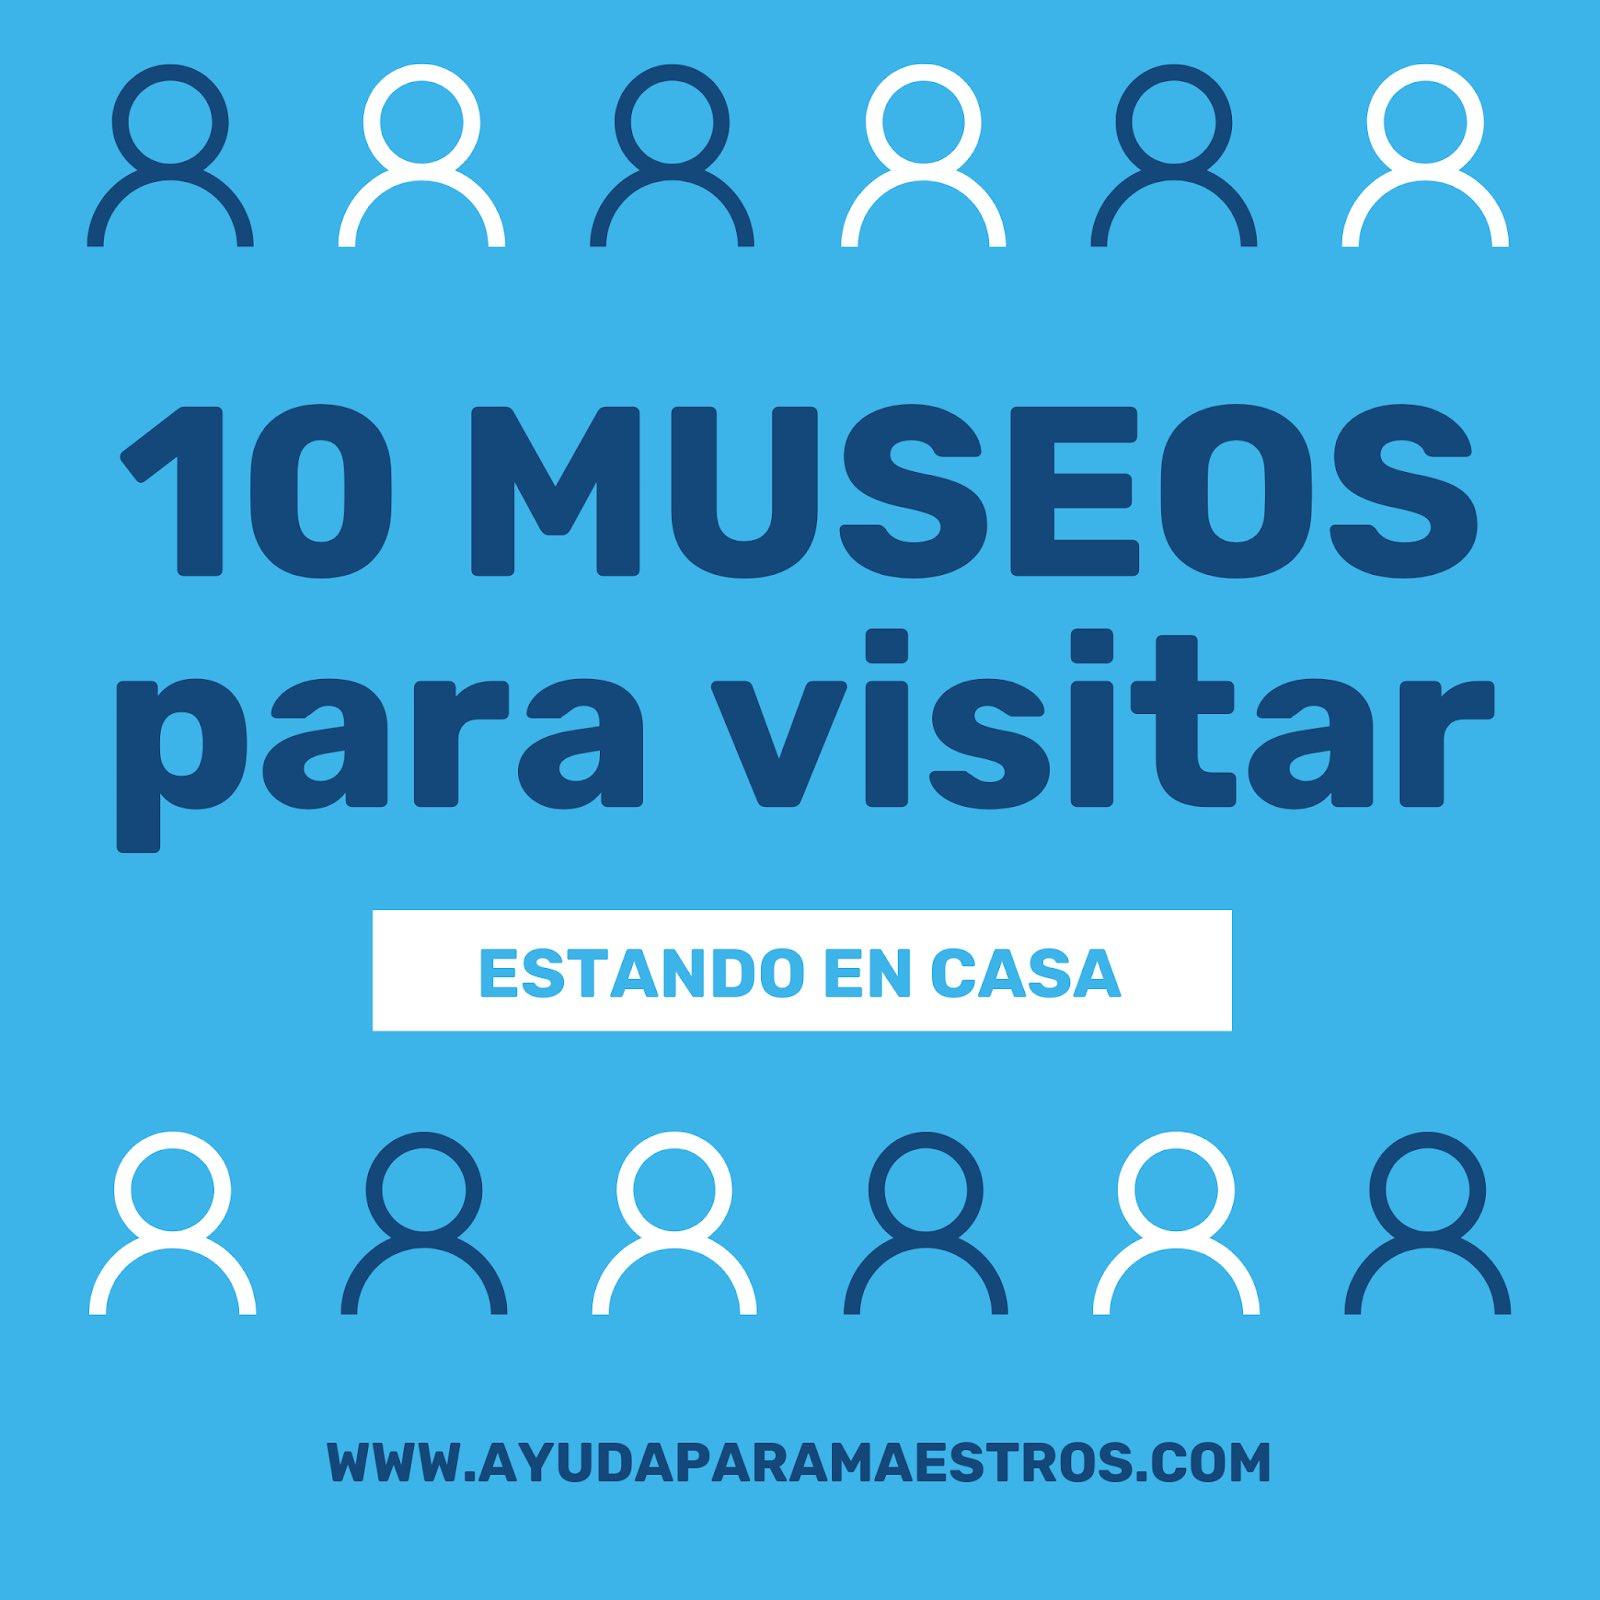 10 MUSEOS PARA VISITAR